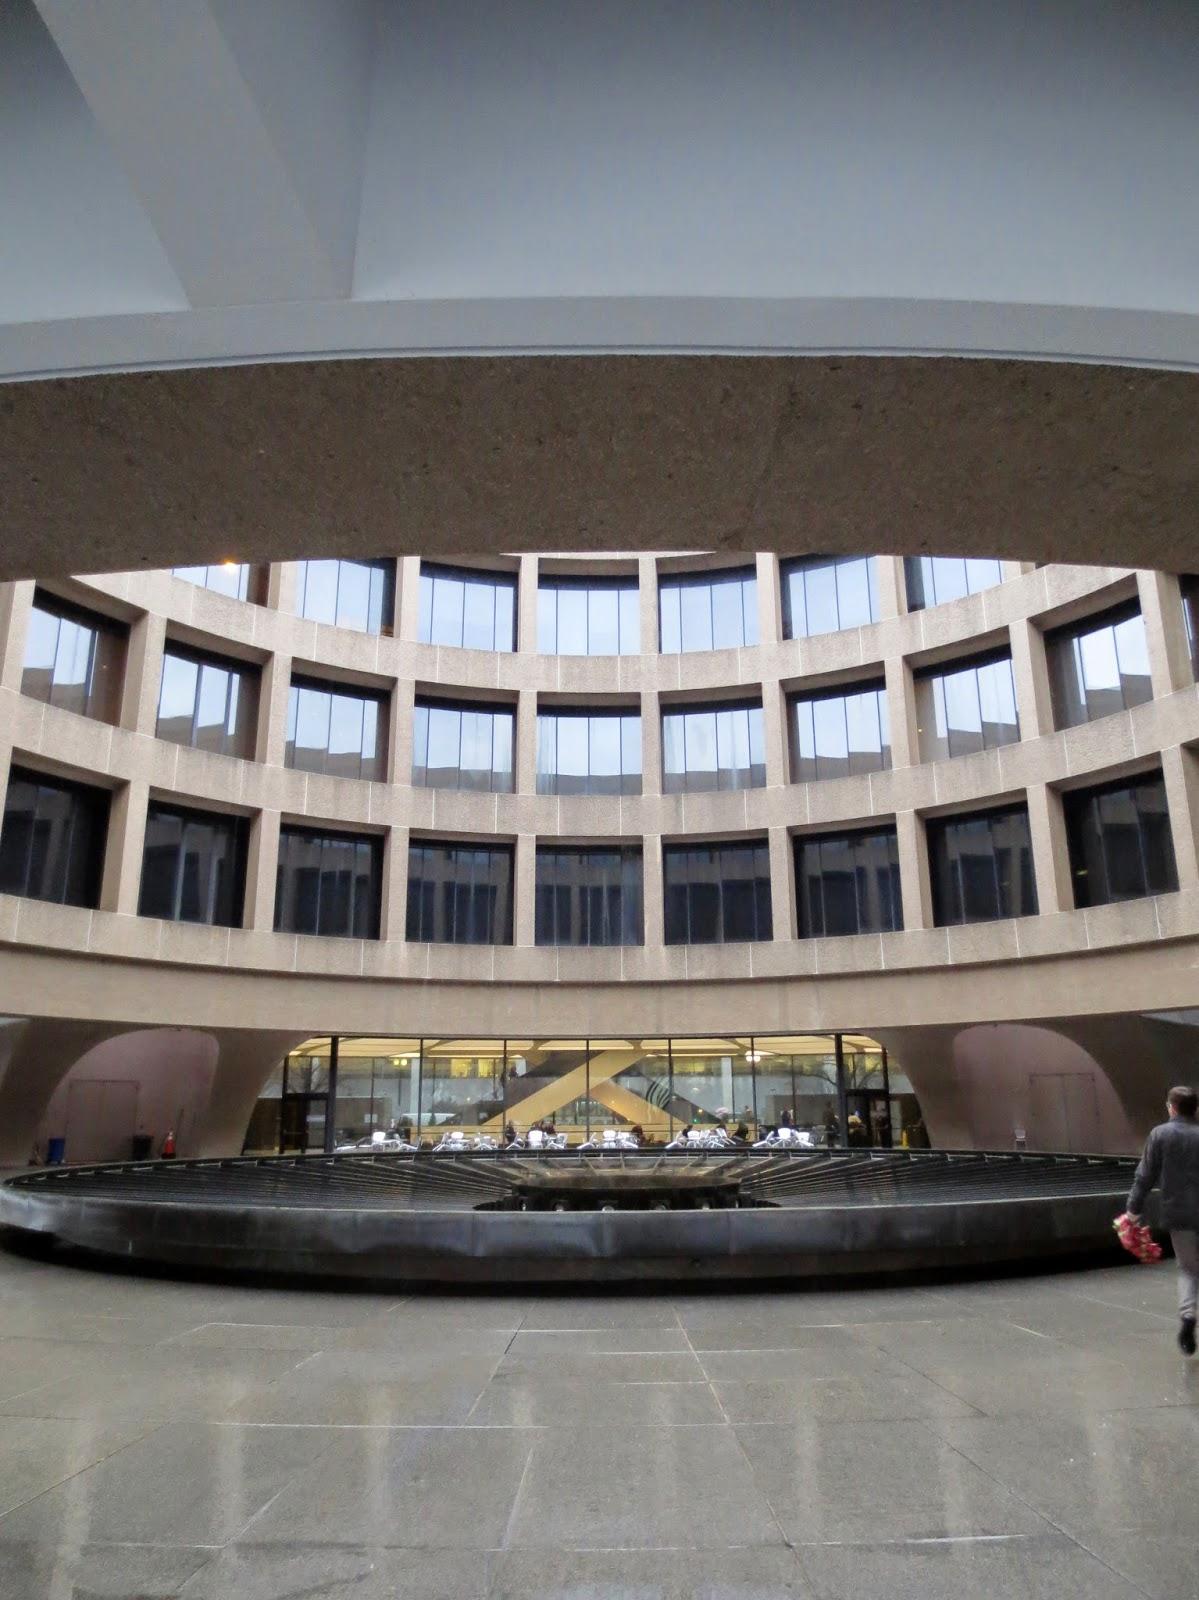 The Hirschorn Museum